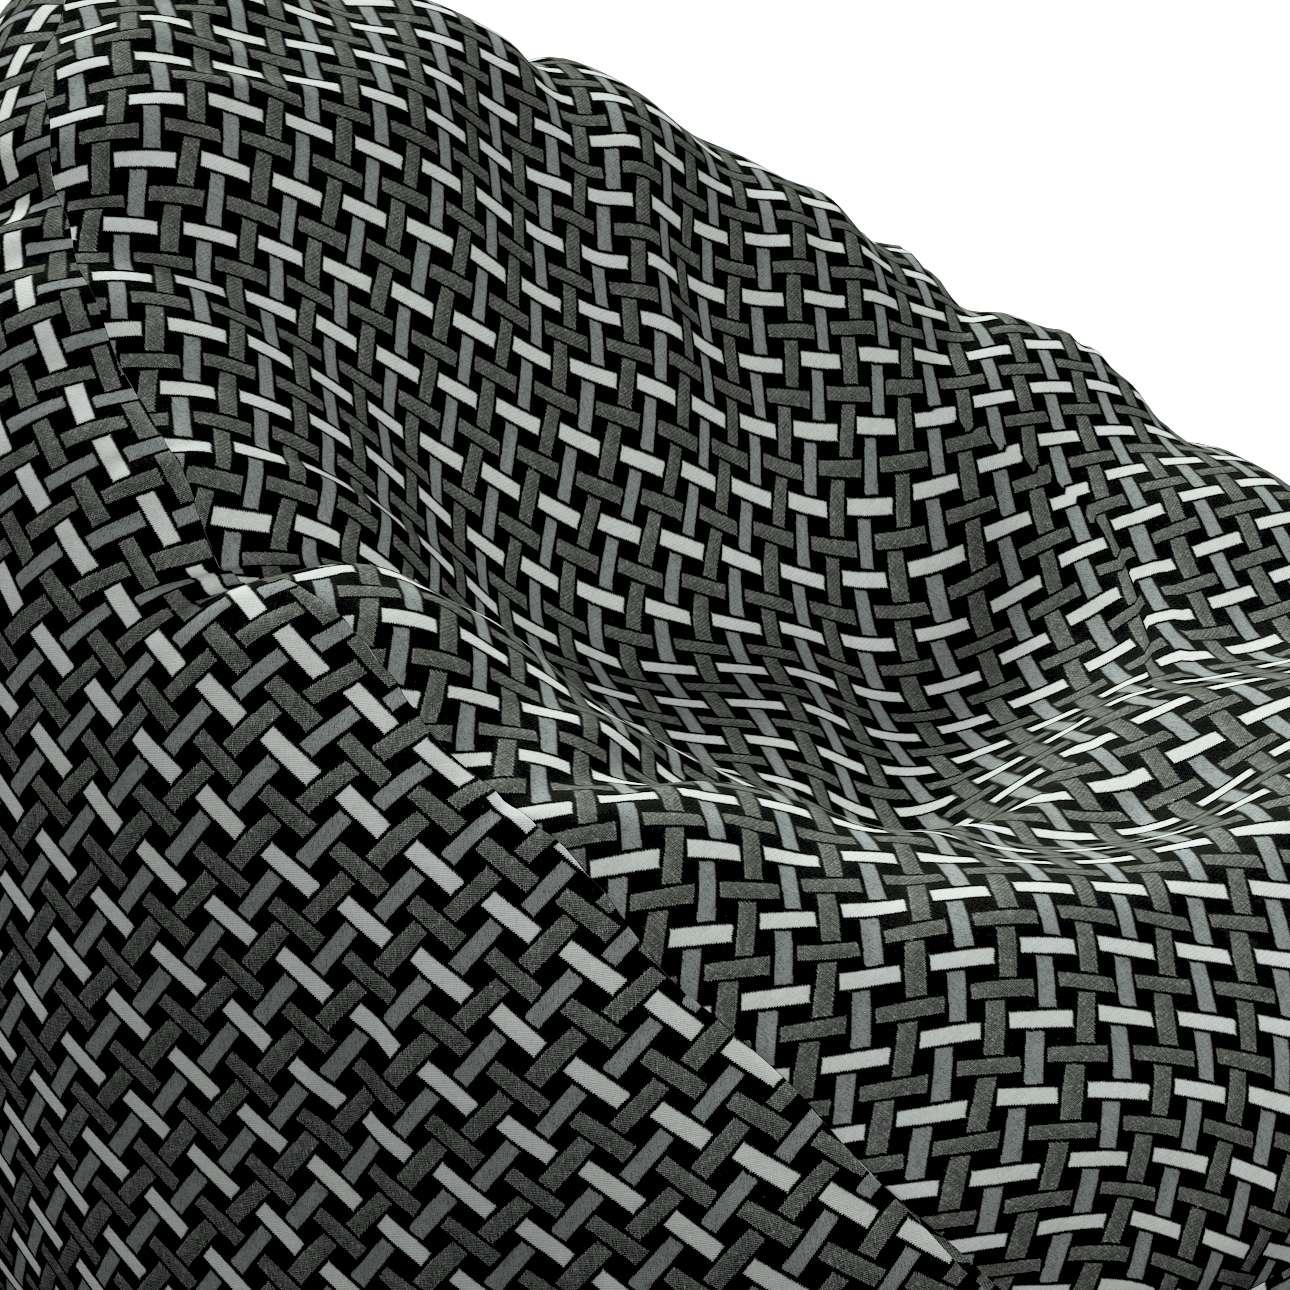 Worek do siedzenia w kolekcji Black & White, tkanina: 142-87